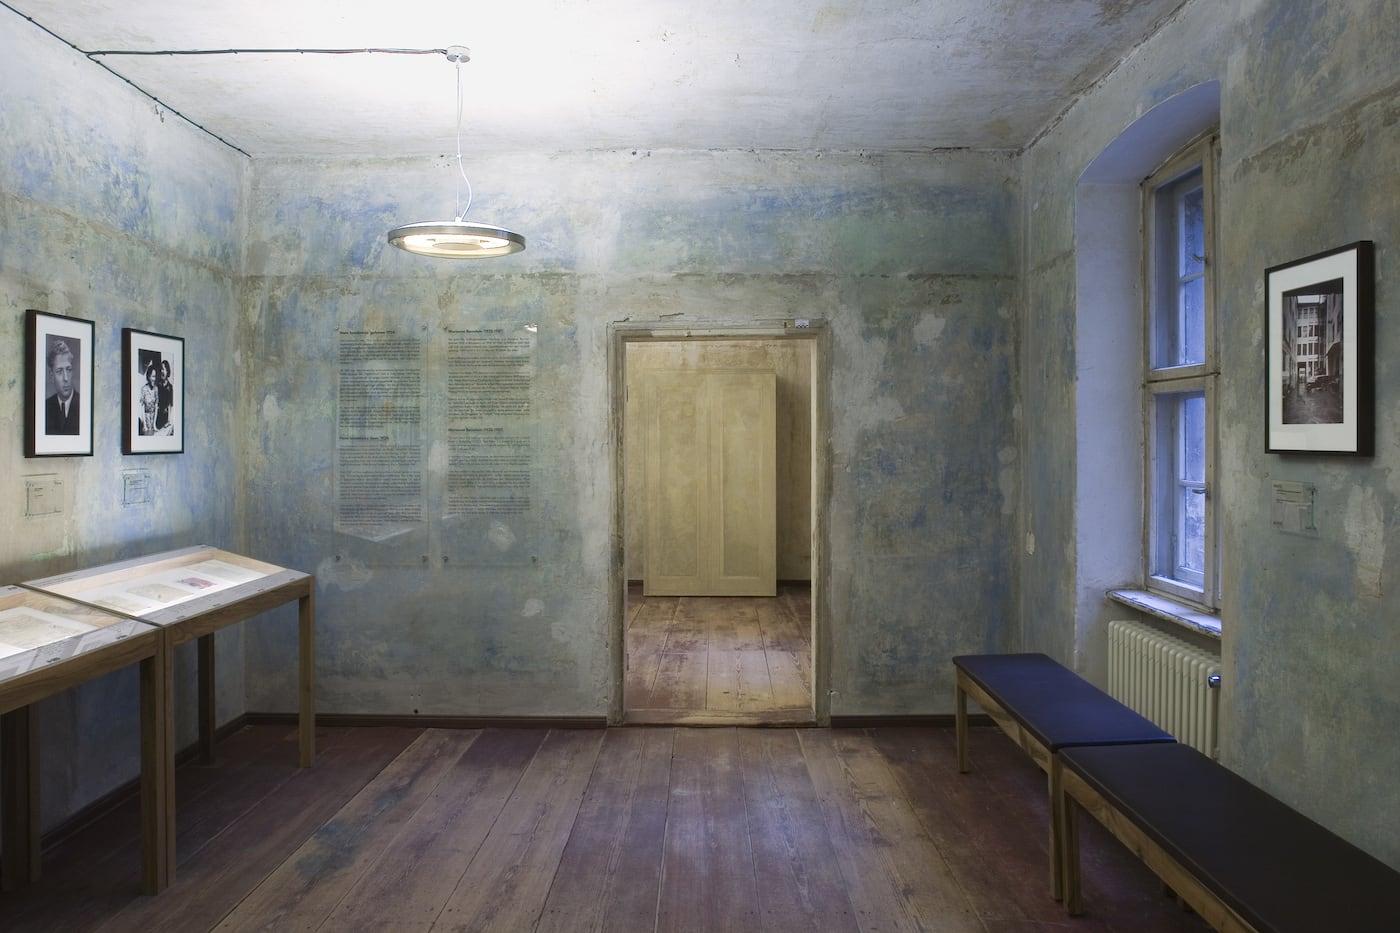 Übergang zum Raum der missglückten Rettungen